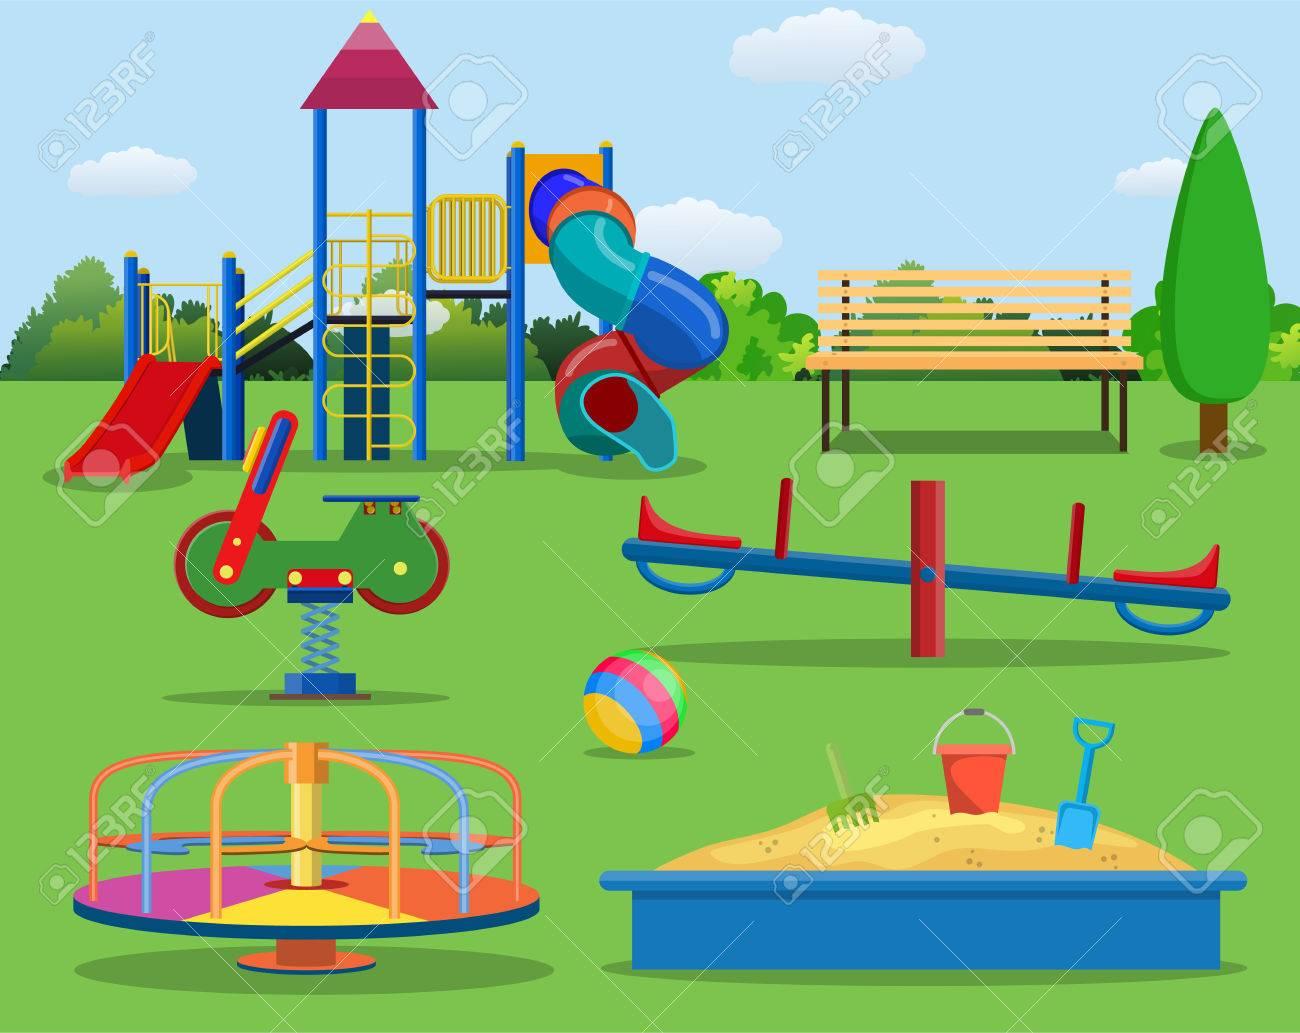 子供遊び場漫画コンセプトの背景。都市公園における子供の遊び場